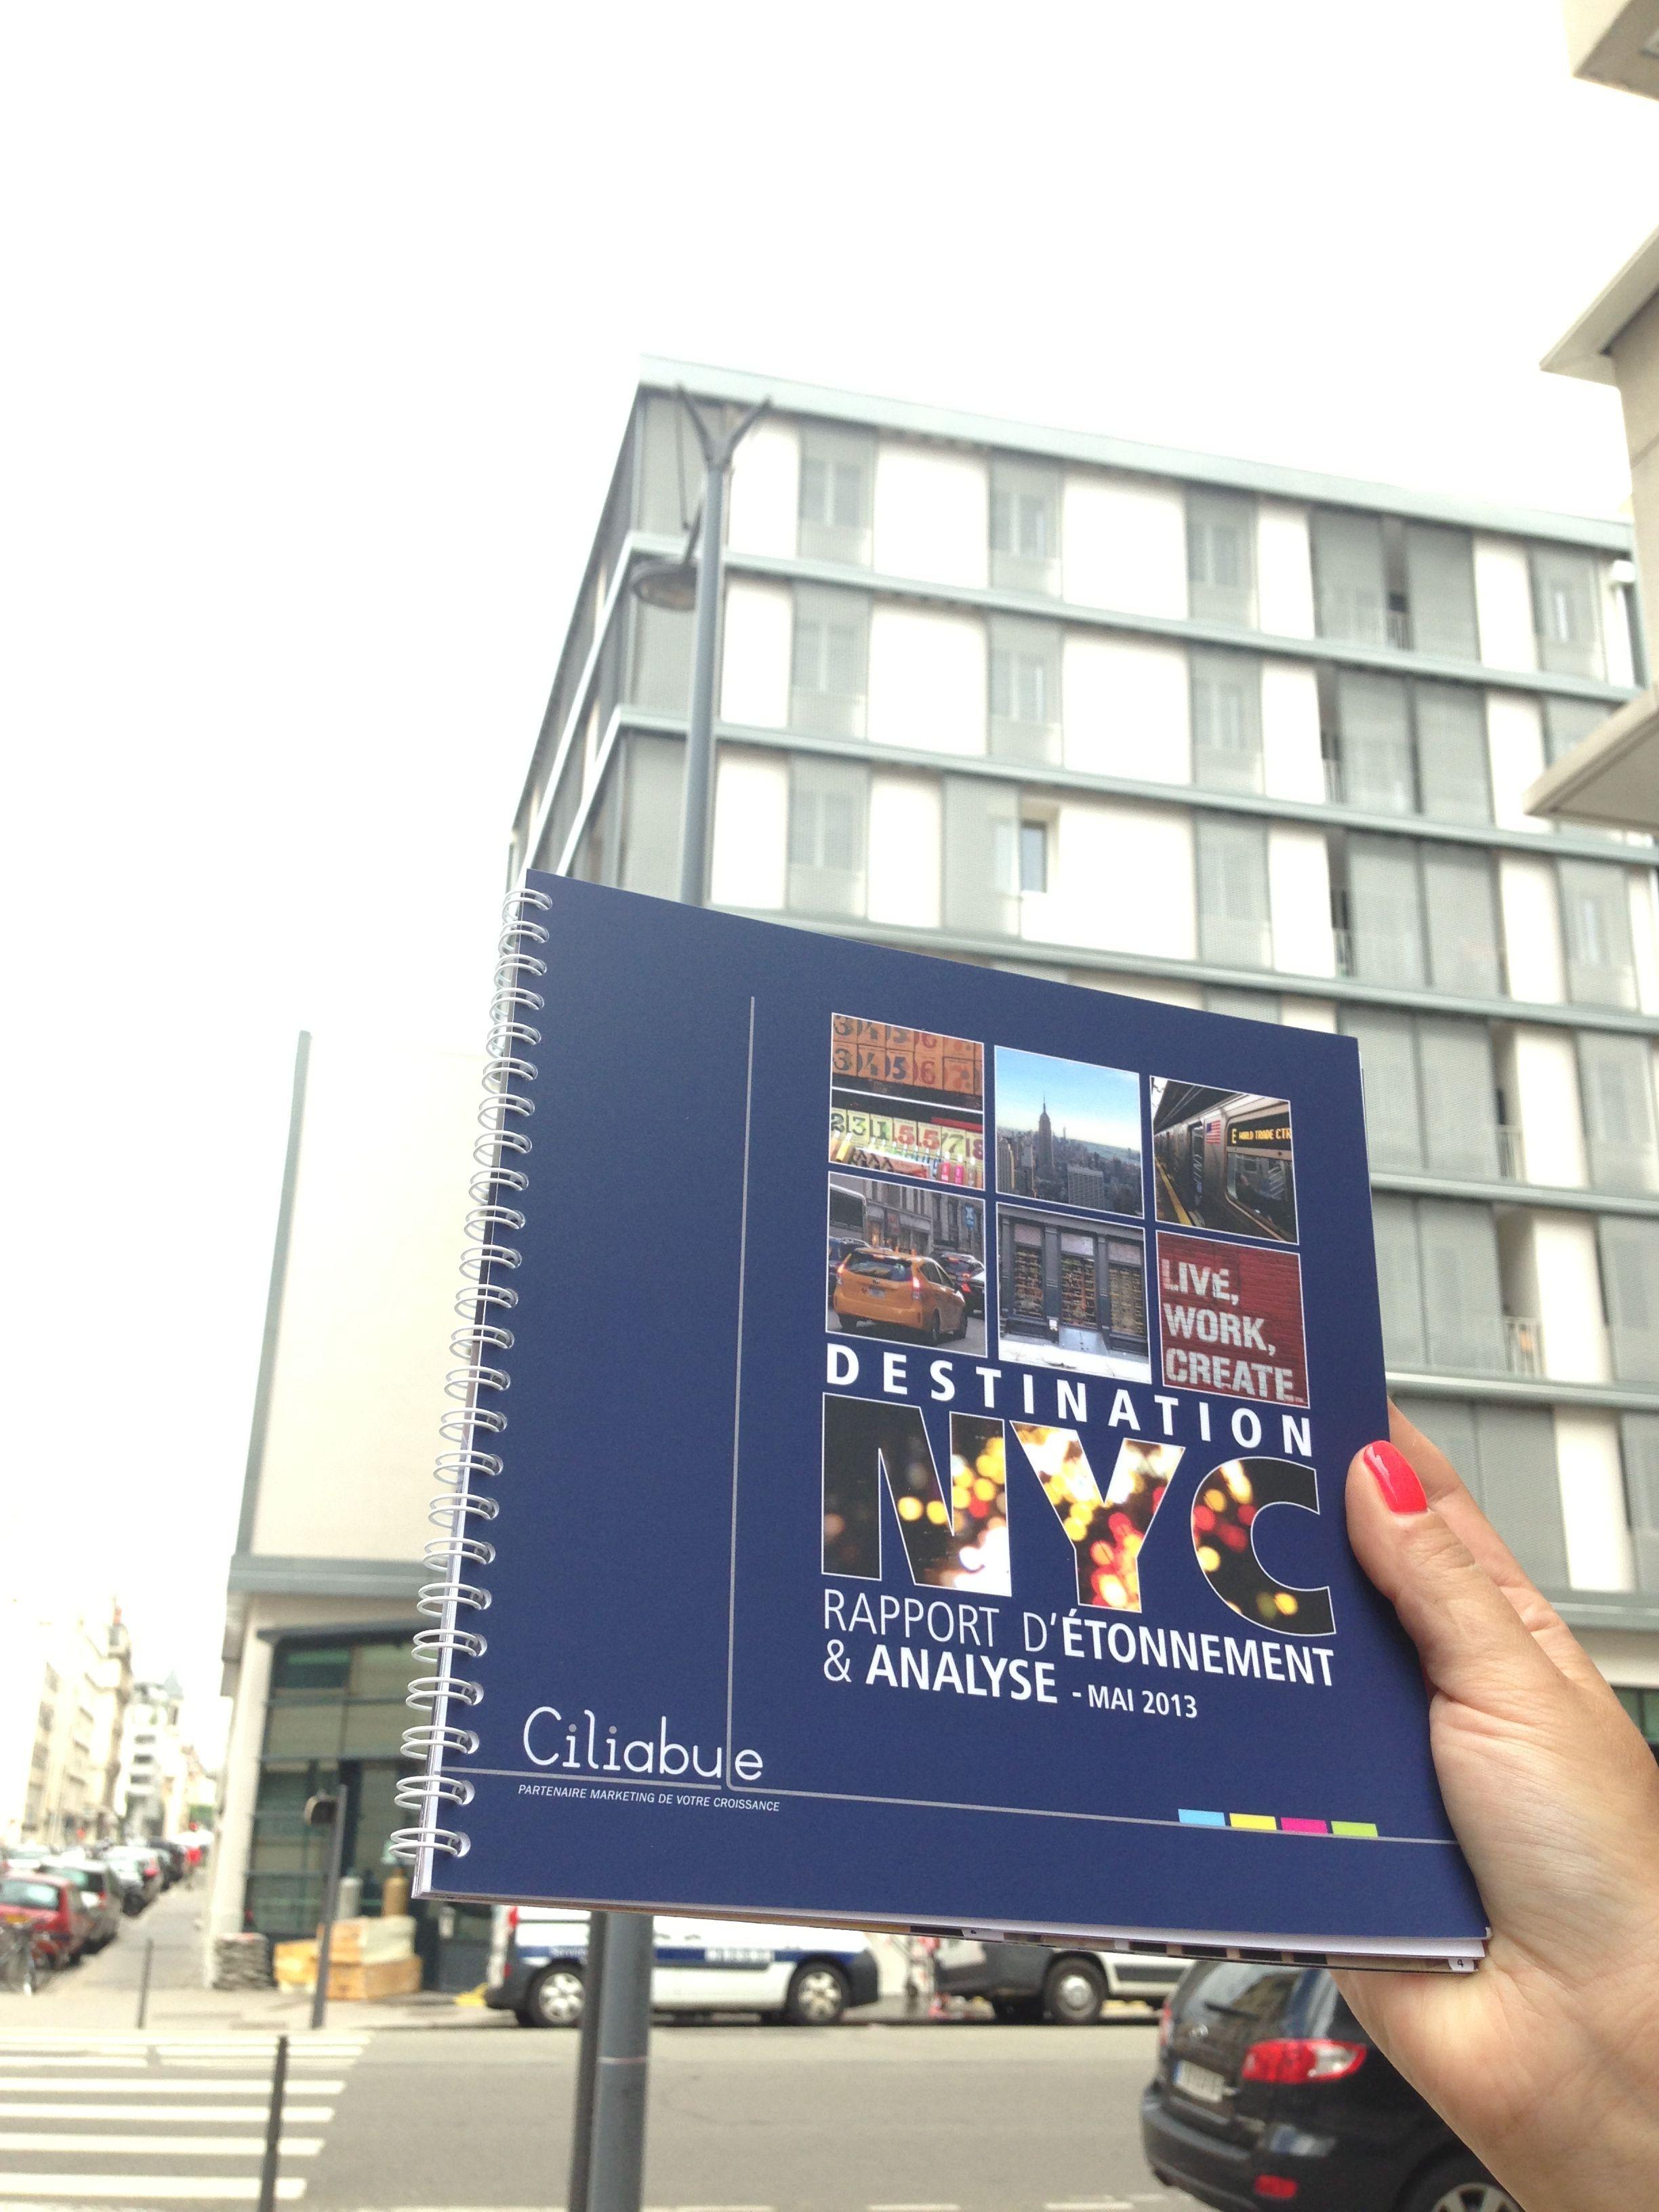 Ciliabule publie un rapport d'étonnement sur la ville fétiche de New York